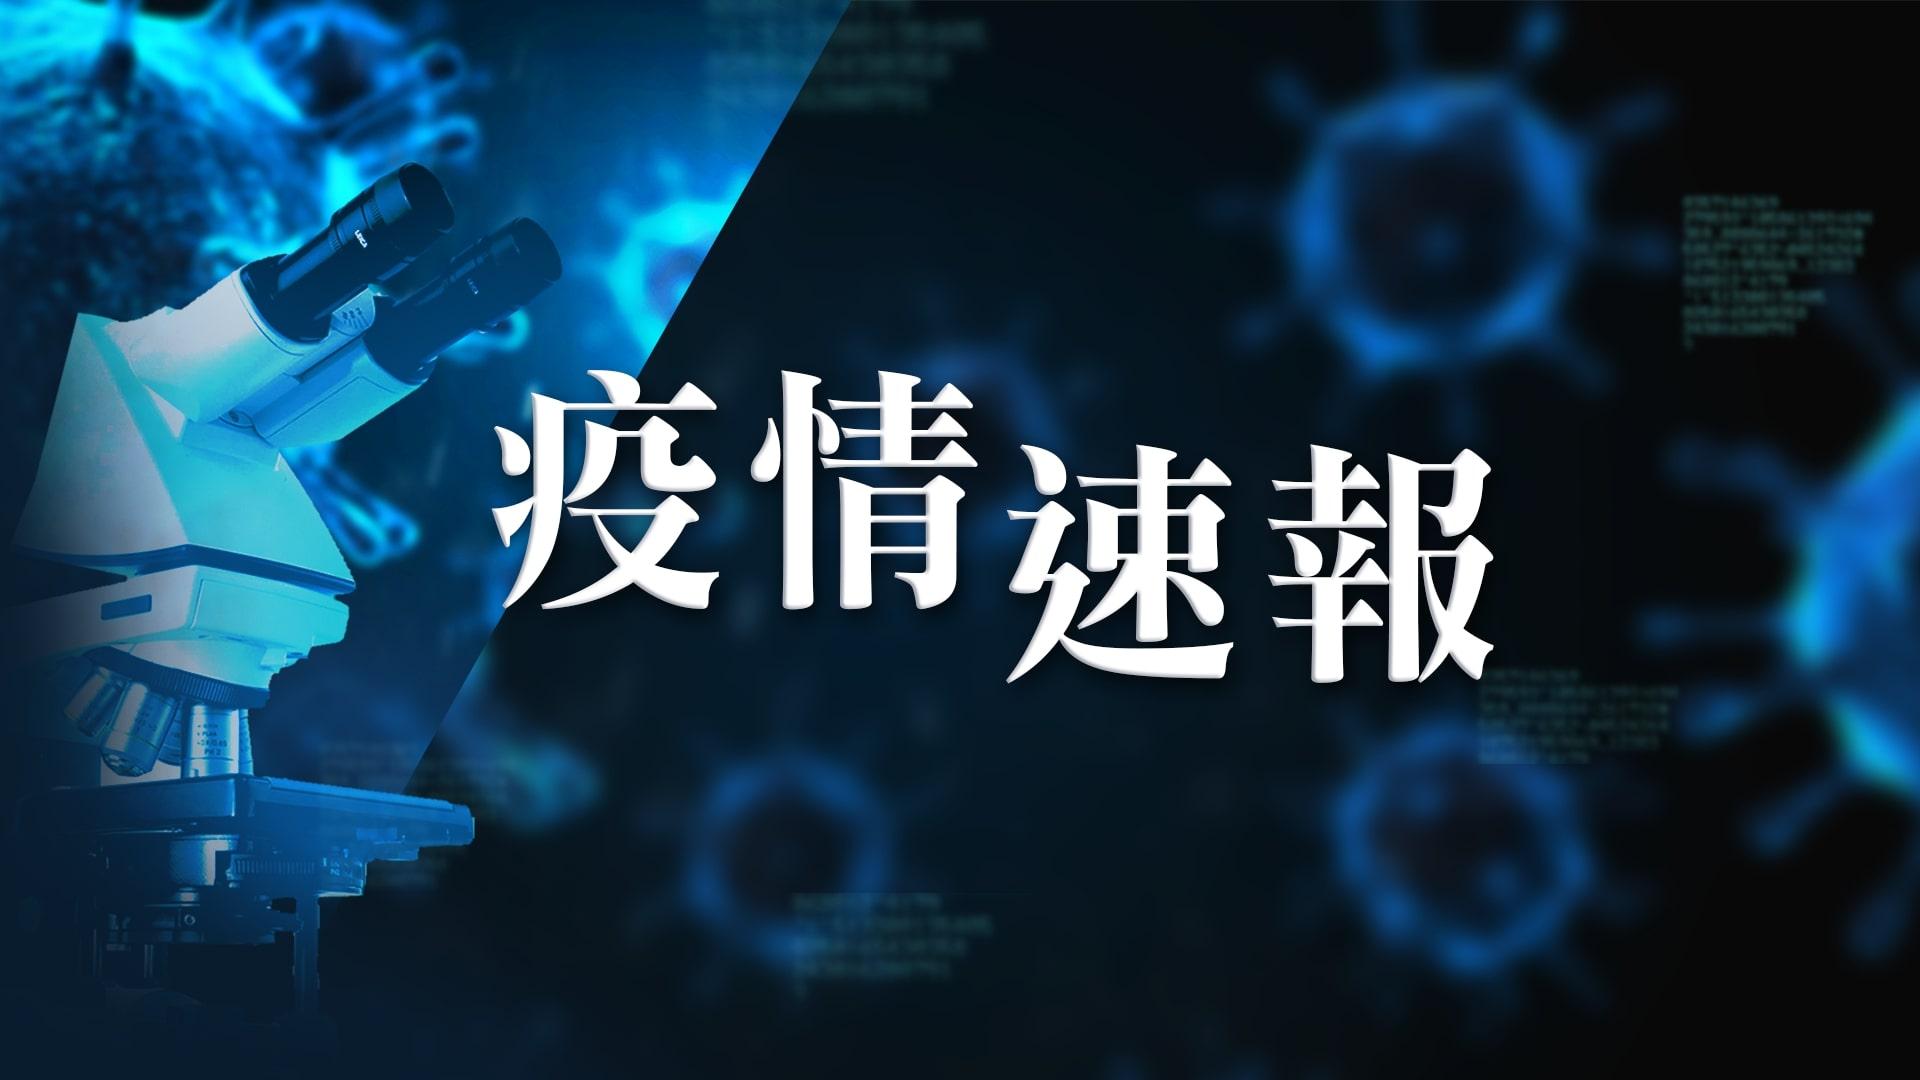 【10月15日疫情速報】(22:00)